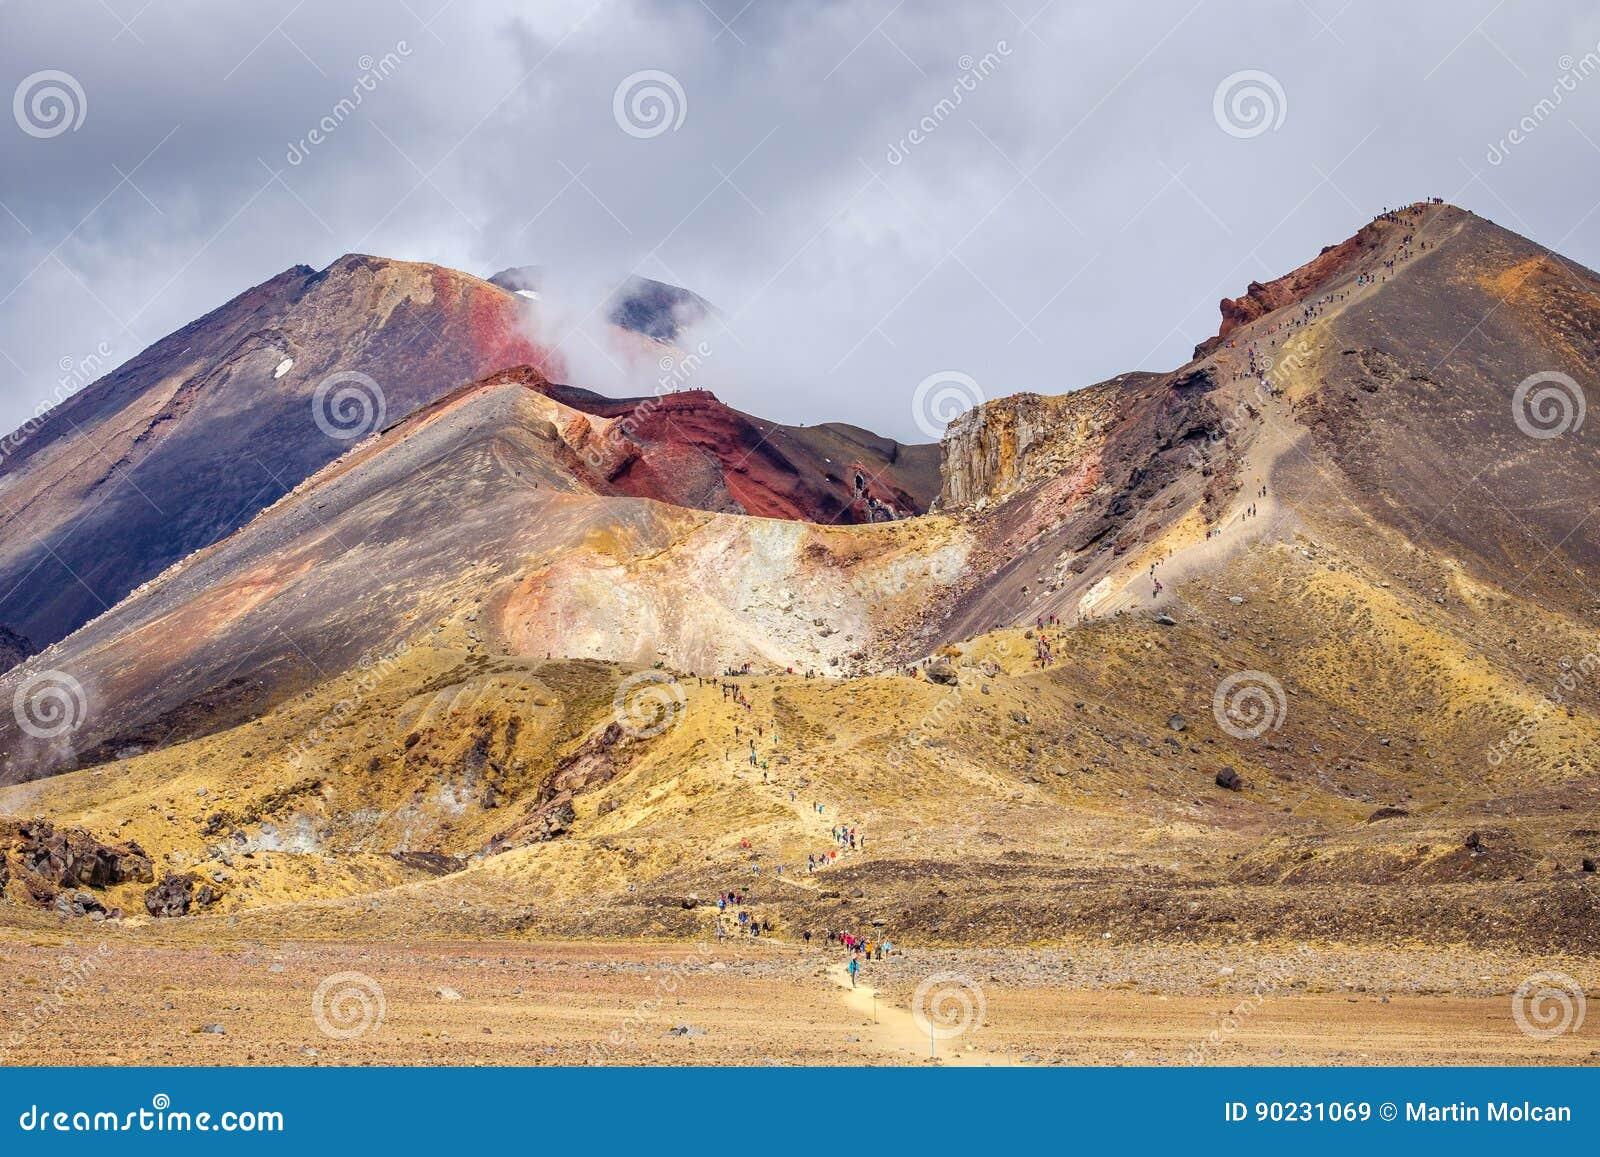 火山的风景和火山火山口,东格里罗国家公园